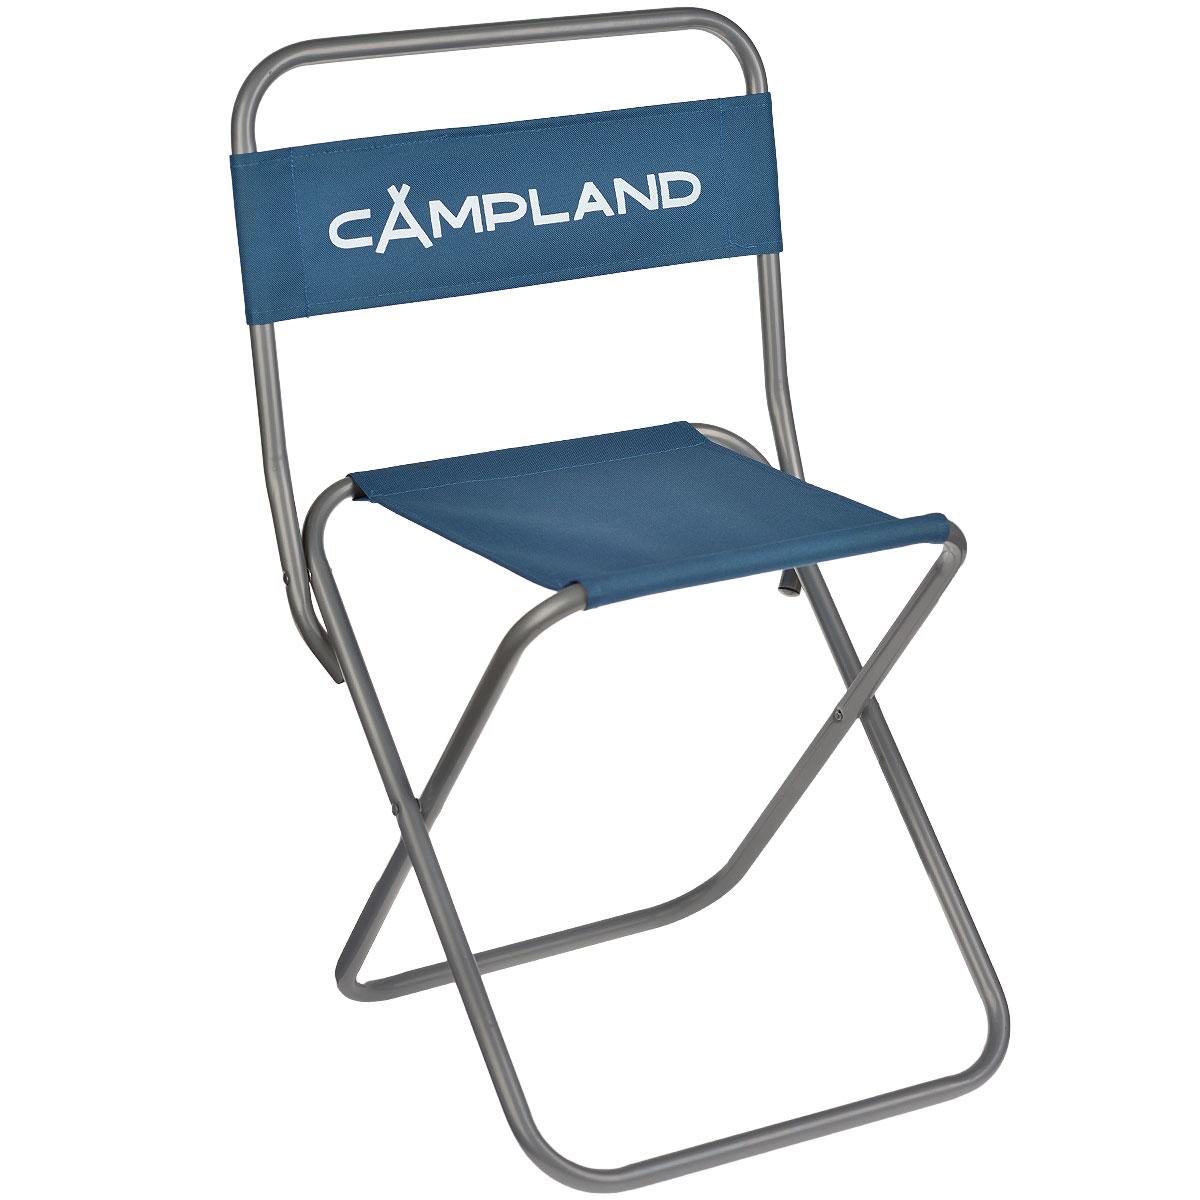 Стул рыбака складной CamplandBC009-7Складной стул Campland станет незаменимым предметом в походе, на природе, на рыбалке, а также на даче. Стул имеет прочный металлический каркас и сидение из плотного материала. Стул легко собирается и разбирается и не занимает много места, поэтому подходит для транспортировки и хранения дома.